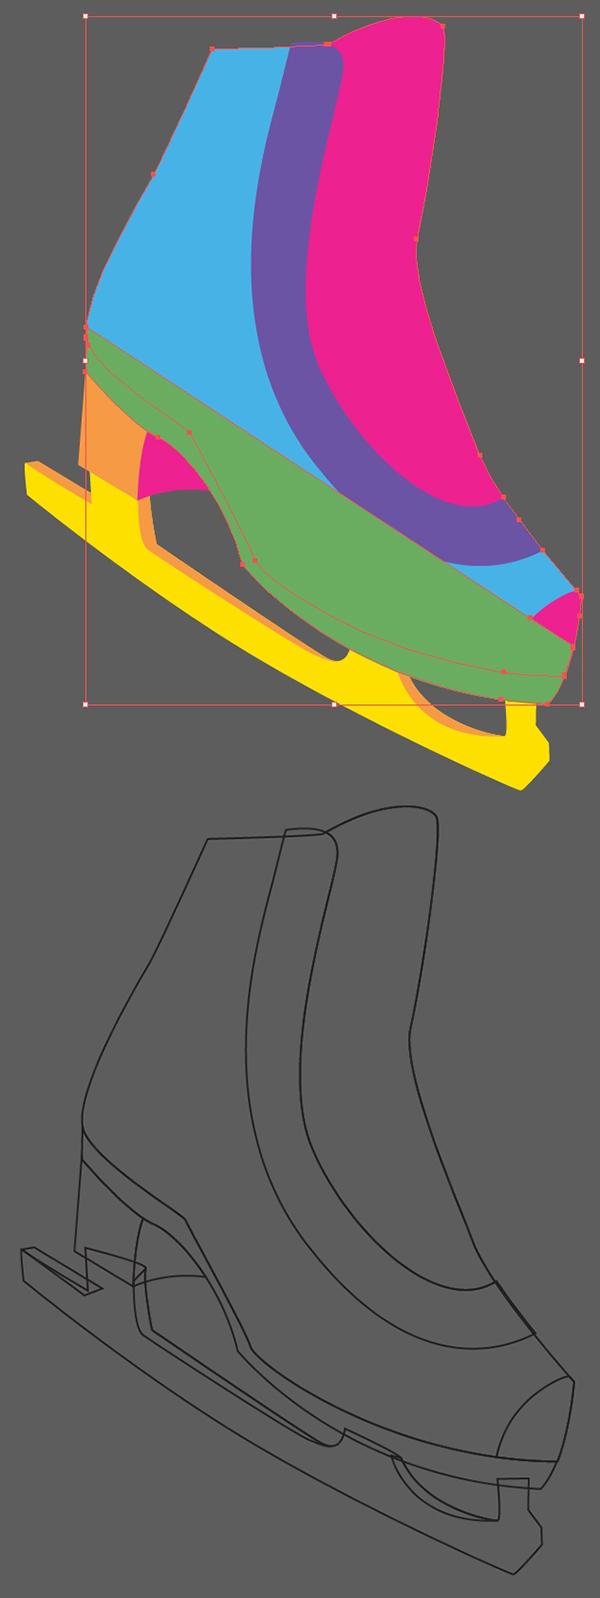 Skates-015